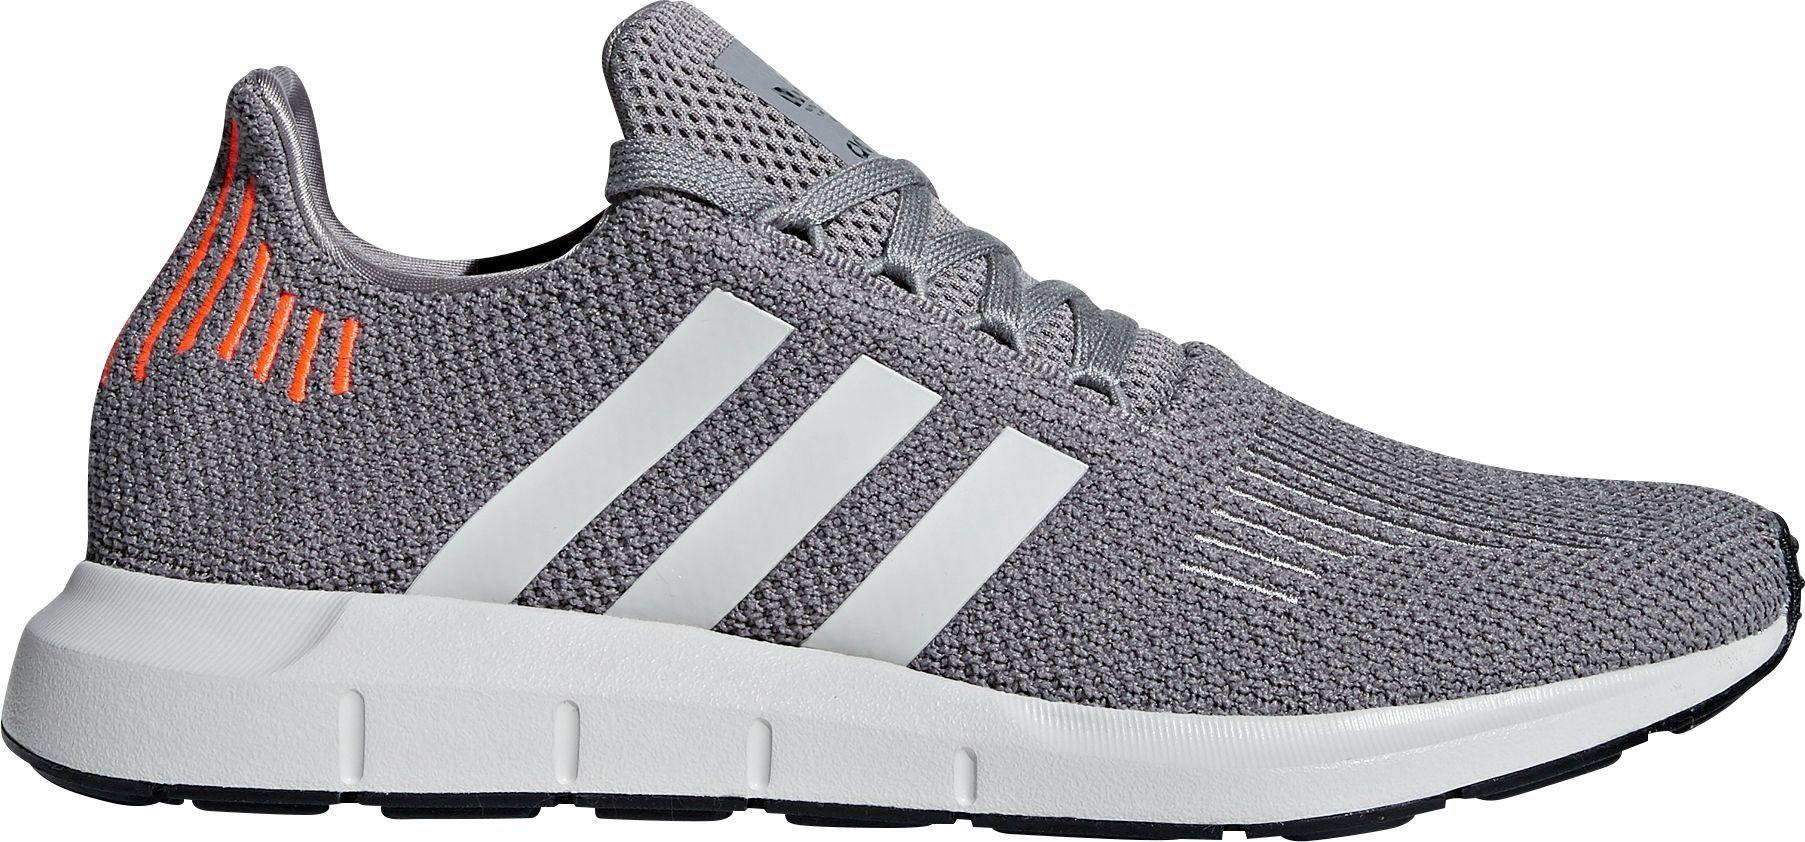 adidas Originals Men's Swift Run Shoes in 2019 | 2 | Adidas